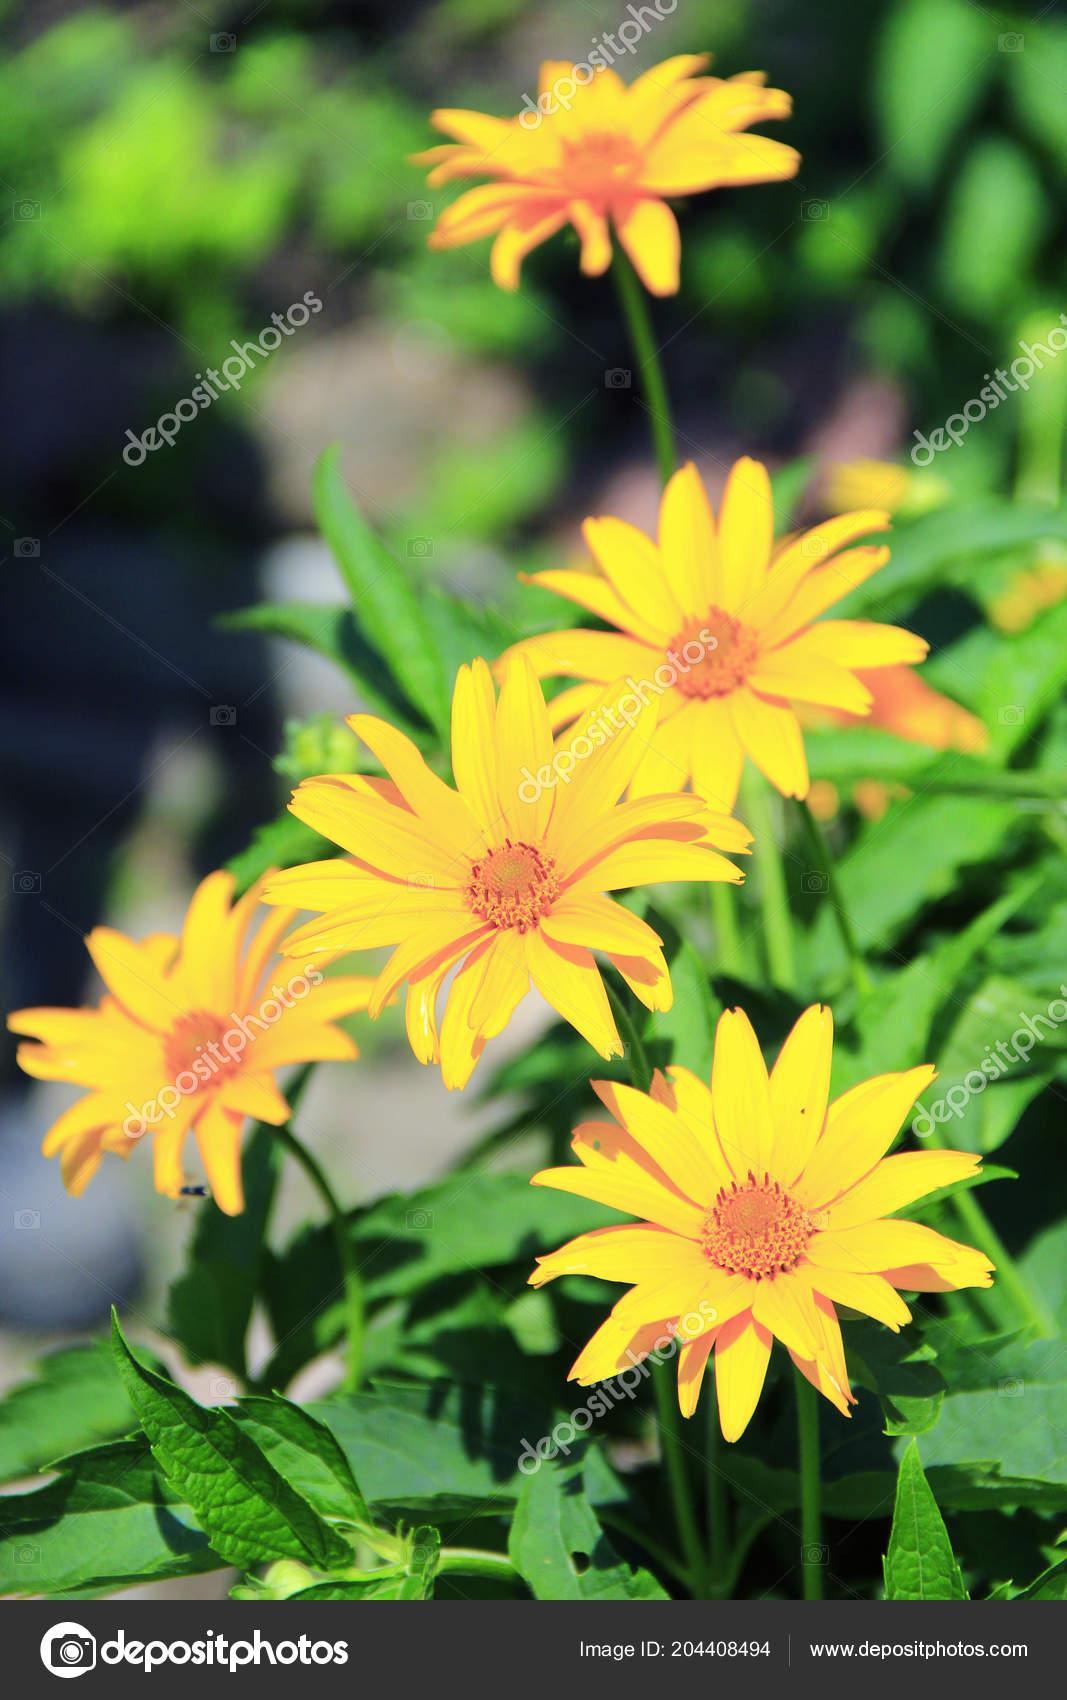 Rudbeckia laciniata qui fleurit dans le jardin. Jaunes grosses fleurs  floraison dans le jardin. Fleurs jaunes \u2014 Image de alexmak72427